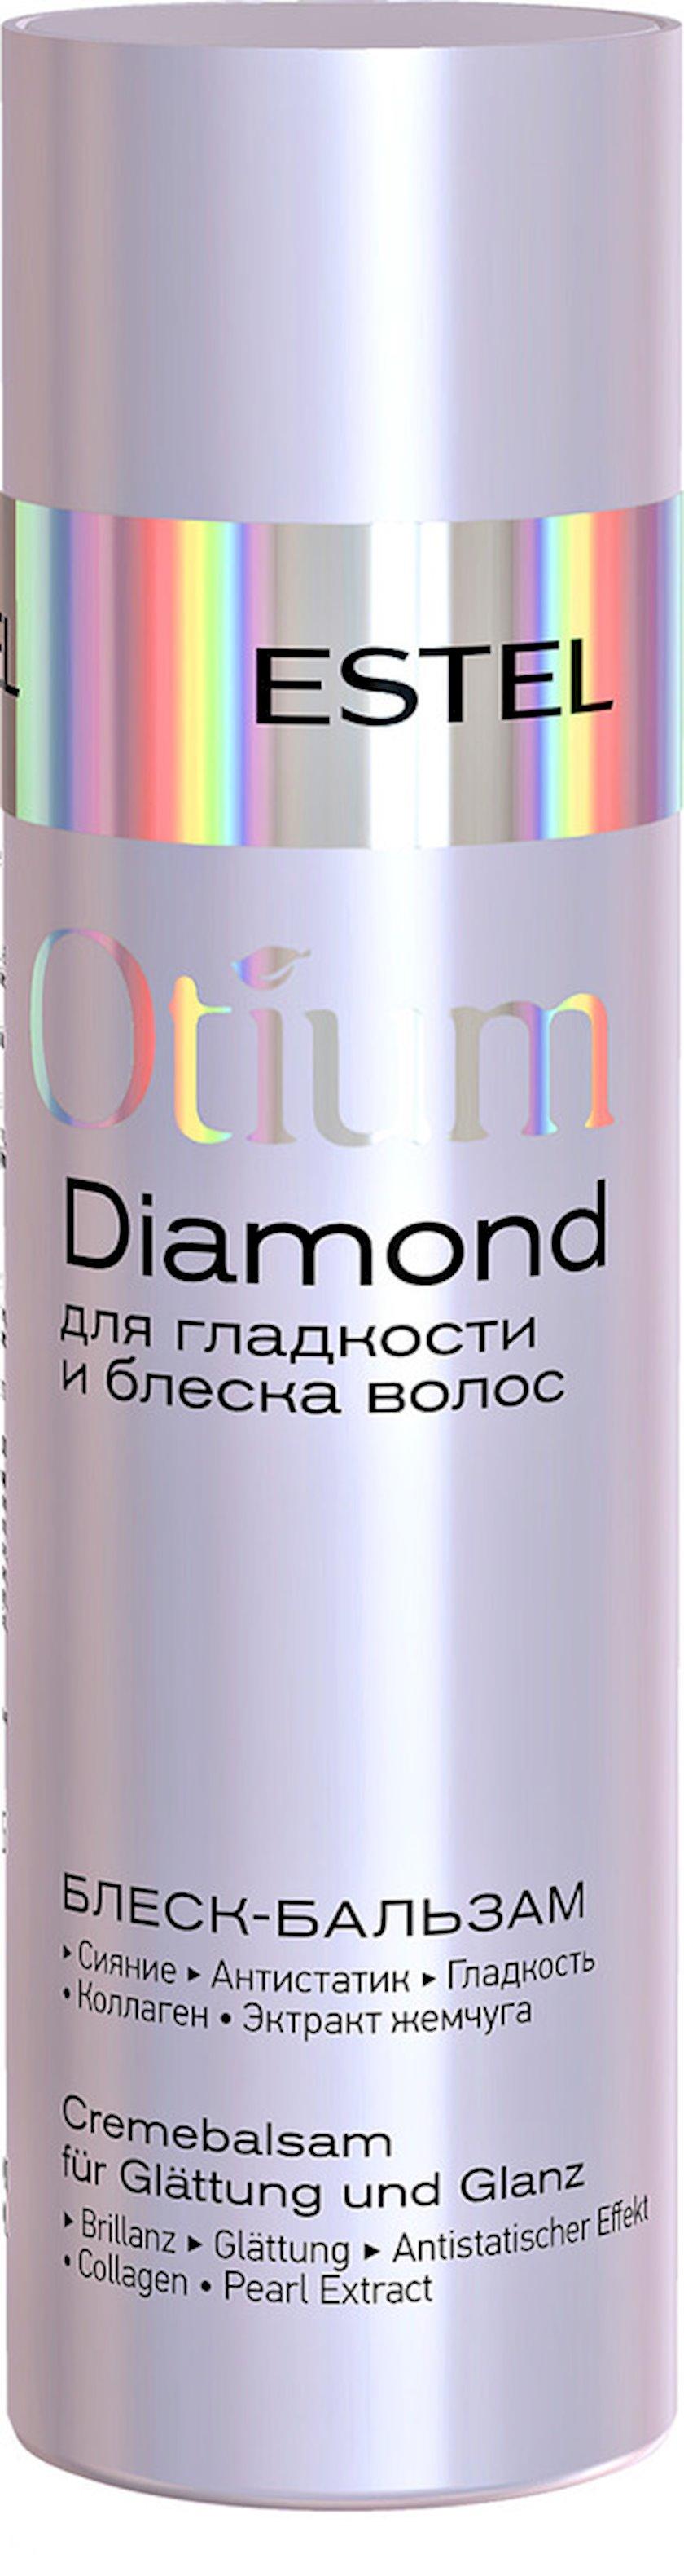 Balzam-parıltı saçların parıltısı və hamarlığı üçün Estel Professional Otium Diamond, 200 ml